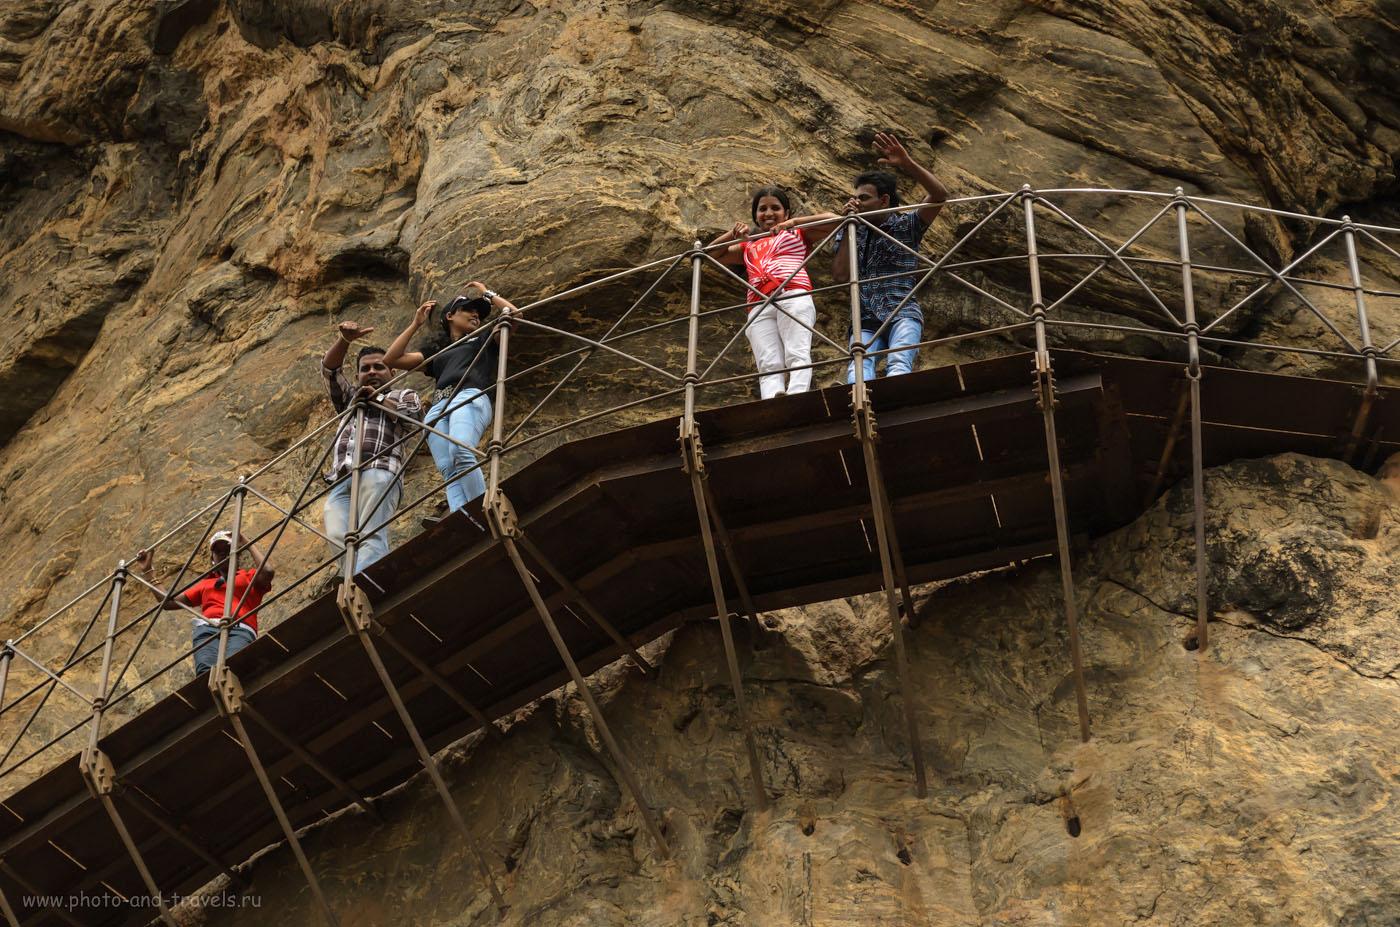 Фотография 14. На Шри-Ланке интерес к европейским самостоятельным путешественникам такой острый, что многие посетители не хотят смотреть красоты Сигирии, а хотят наблюдать за белыми человечками. Хотя, это - граждане Индии, они белых туристов видят редко.